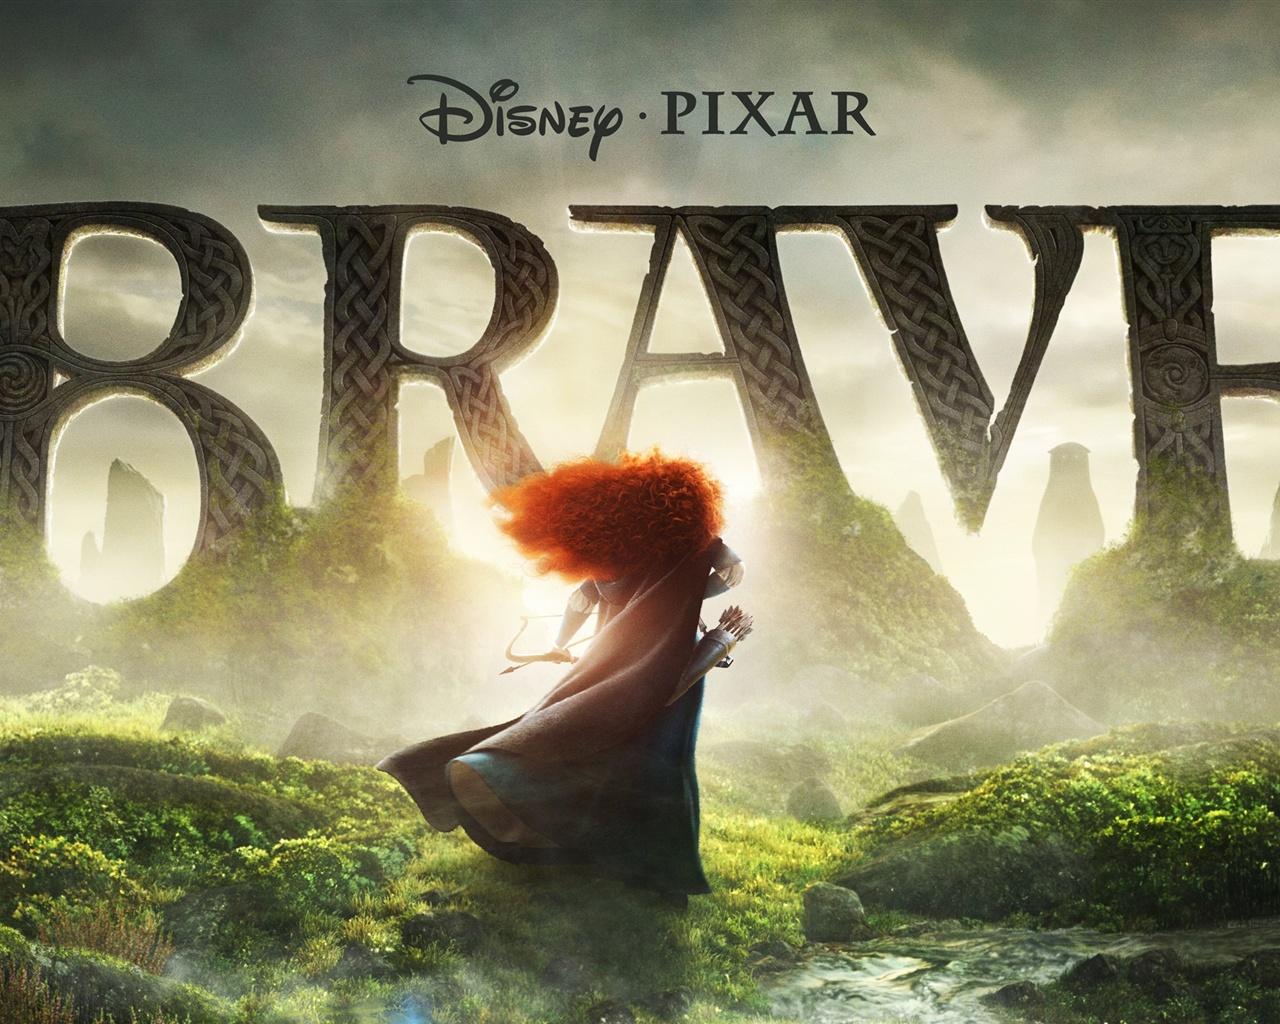 brave wallpaper 1280x1024 - photo #17